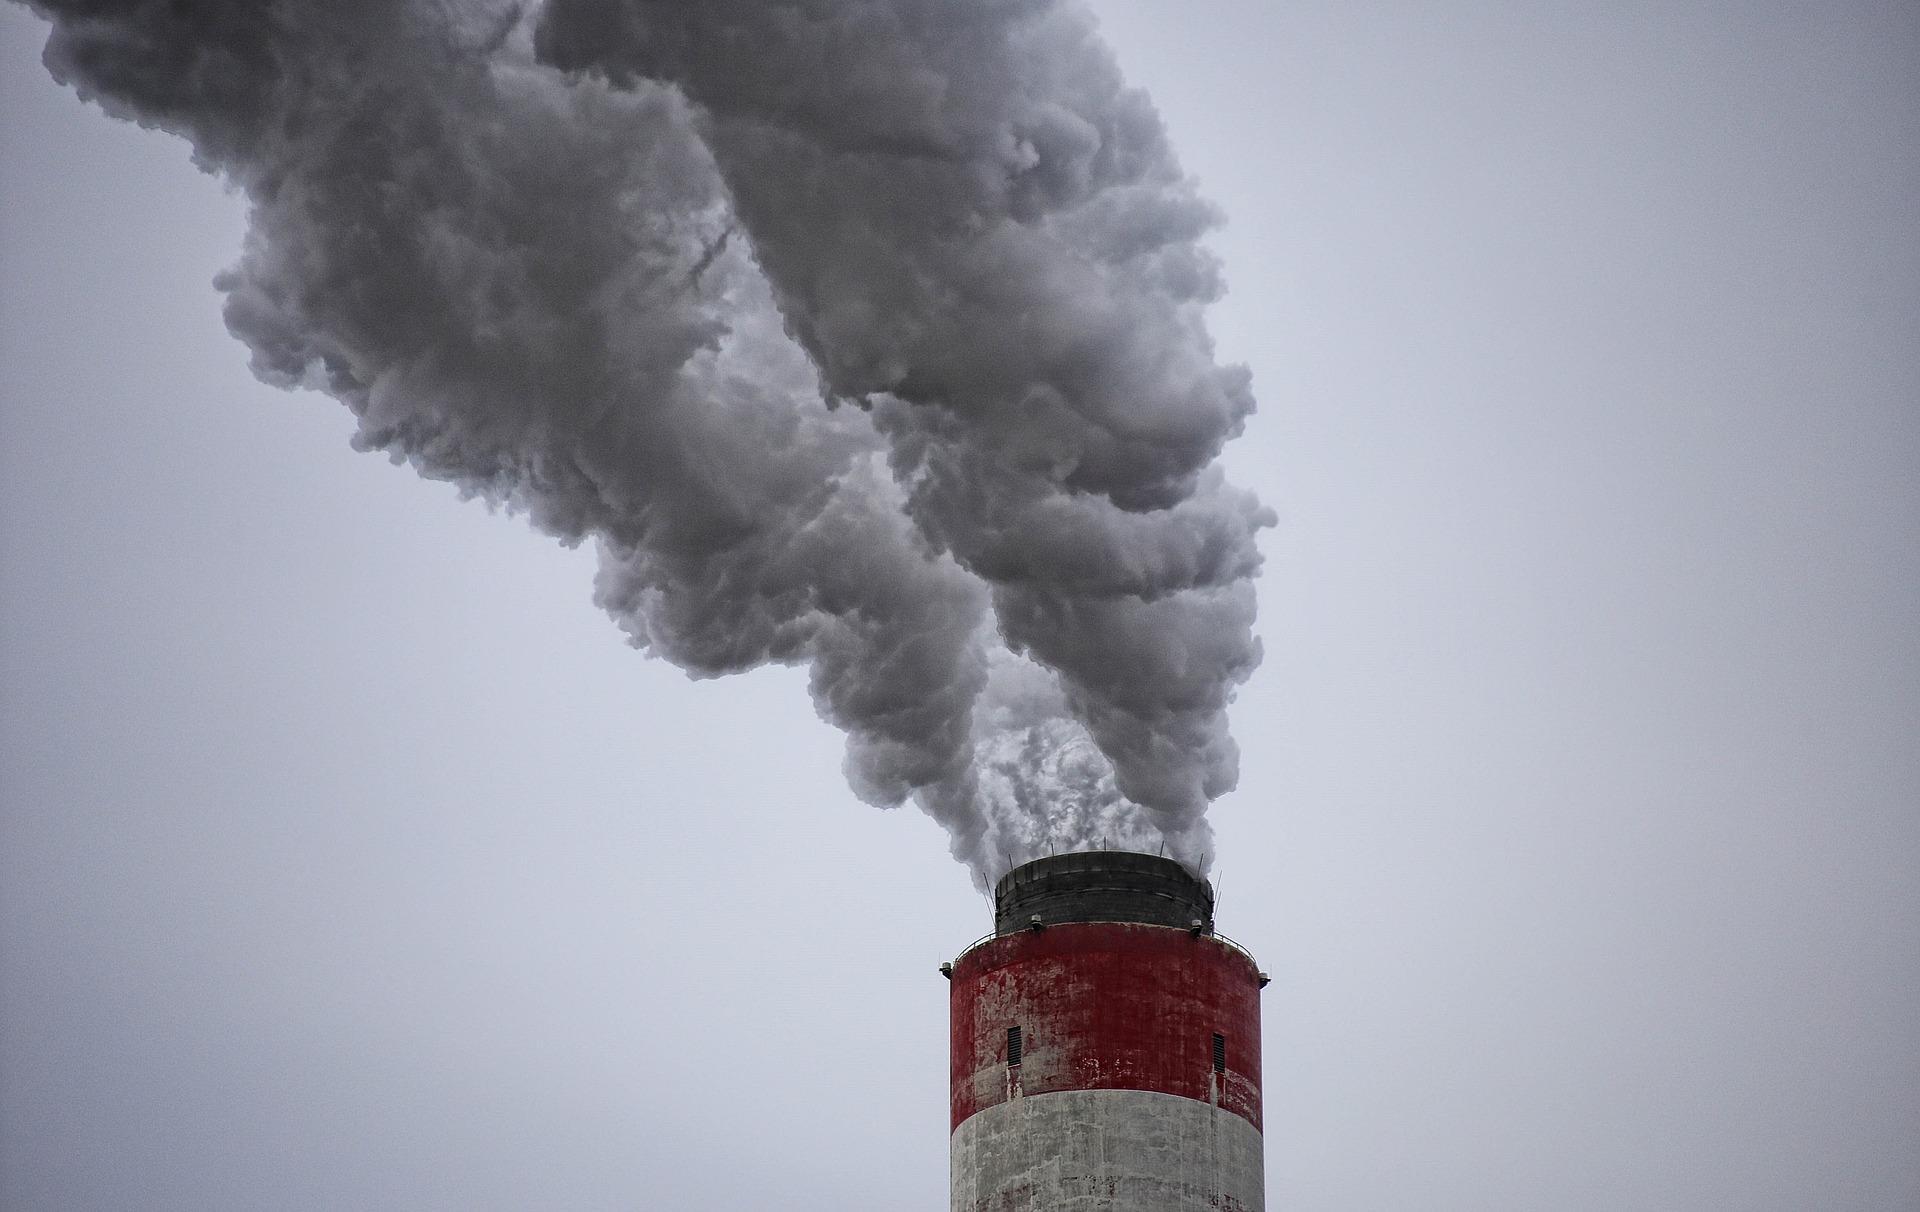 Die Geruchsbelästigung bei einer Biodieselanlage